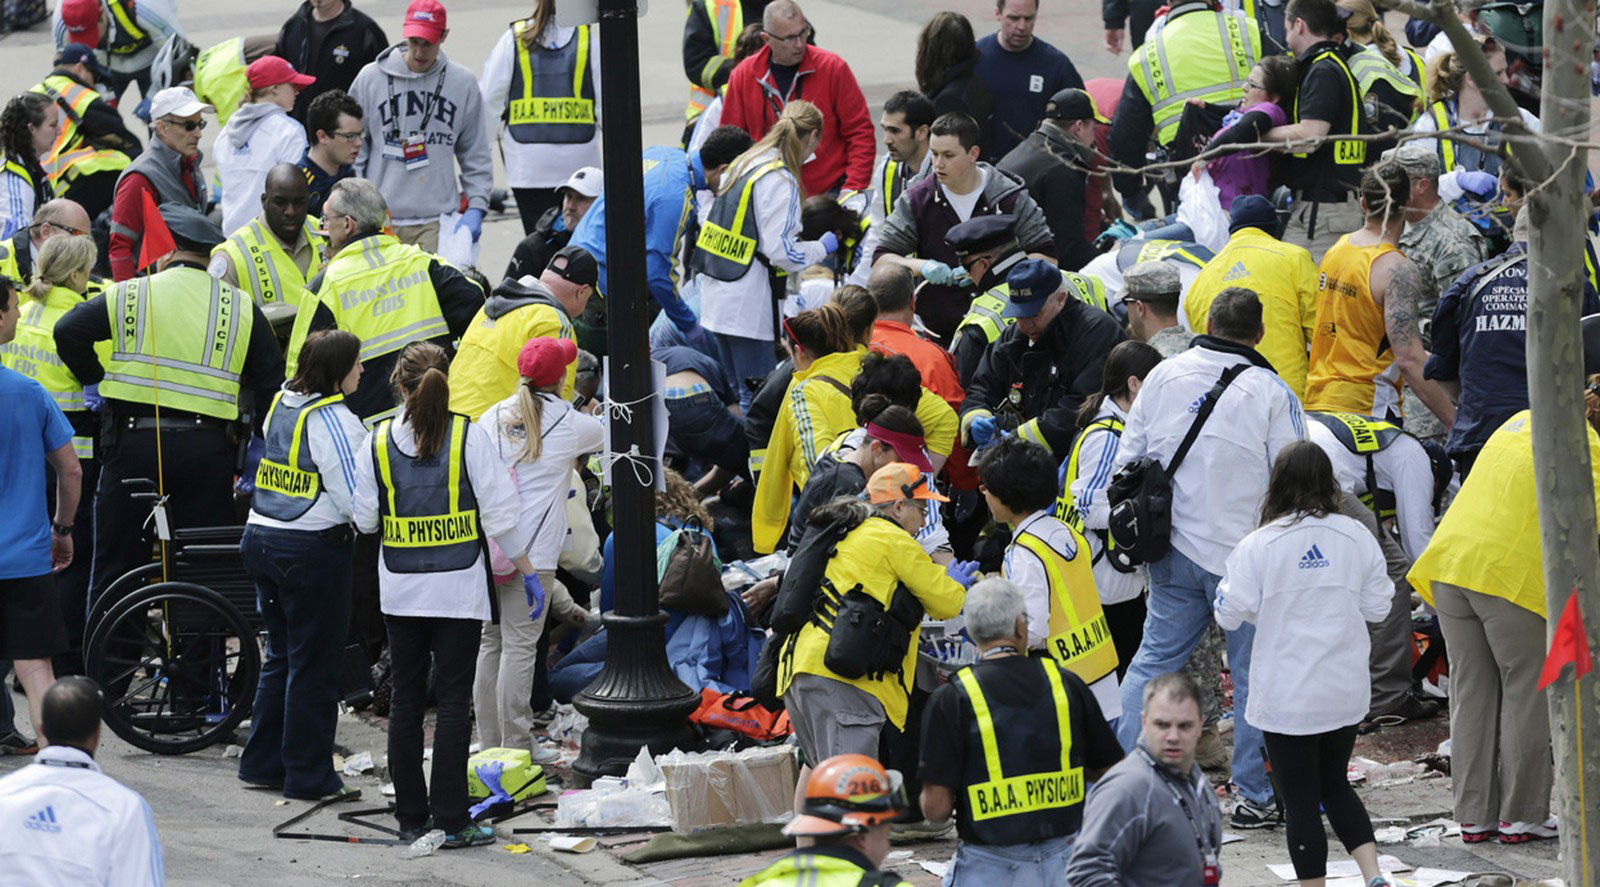 теракт на бостонском марафоне